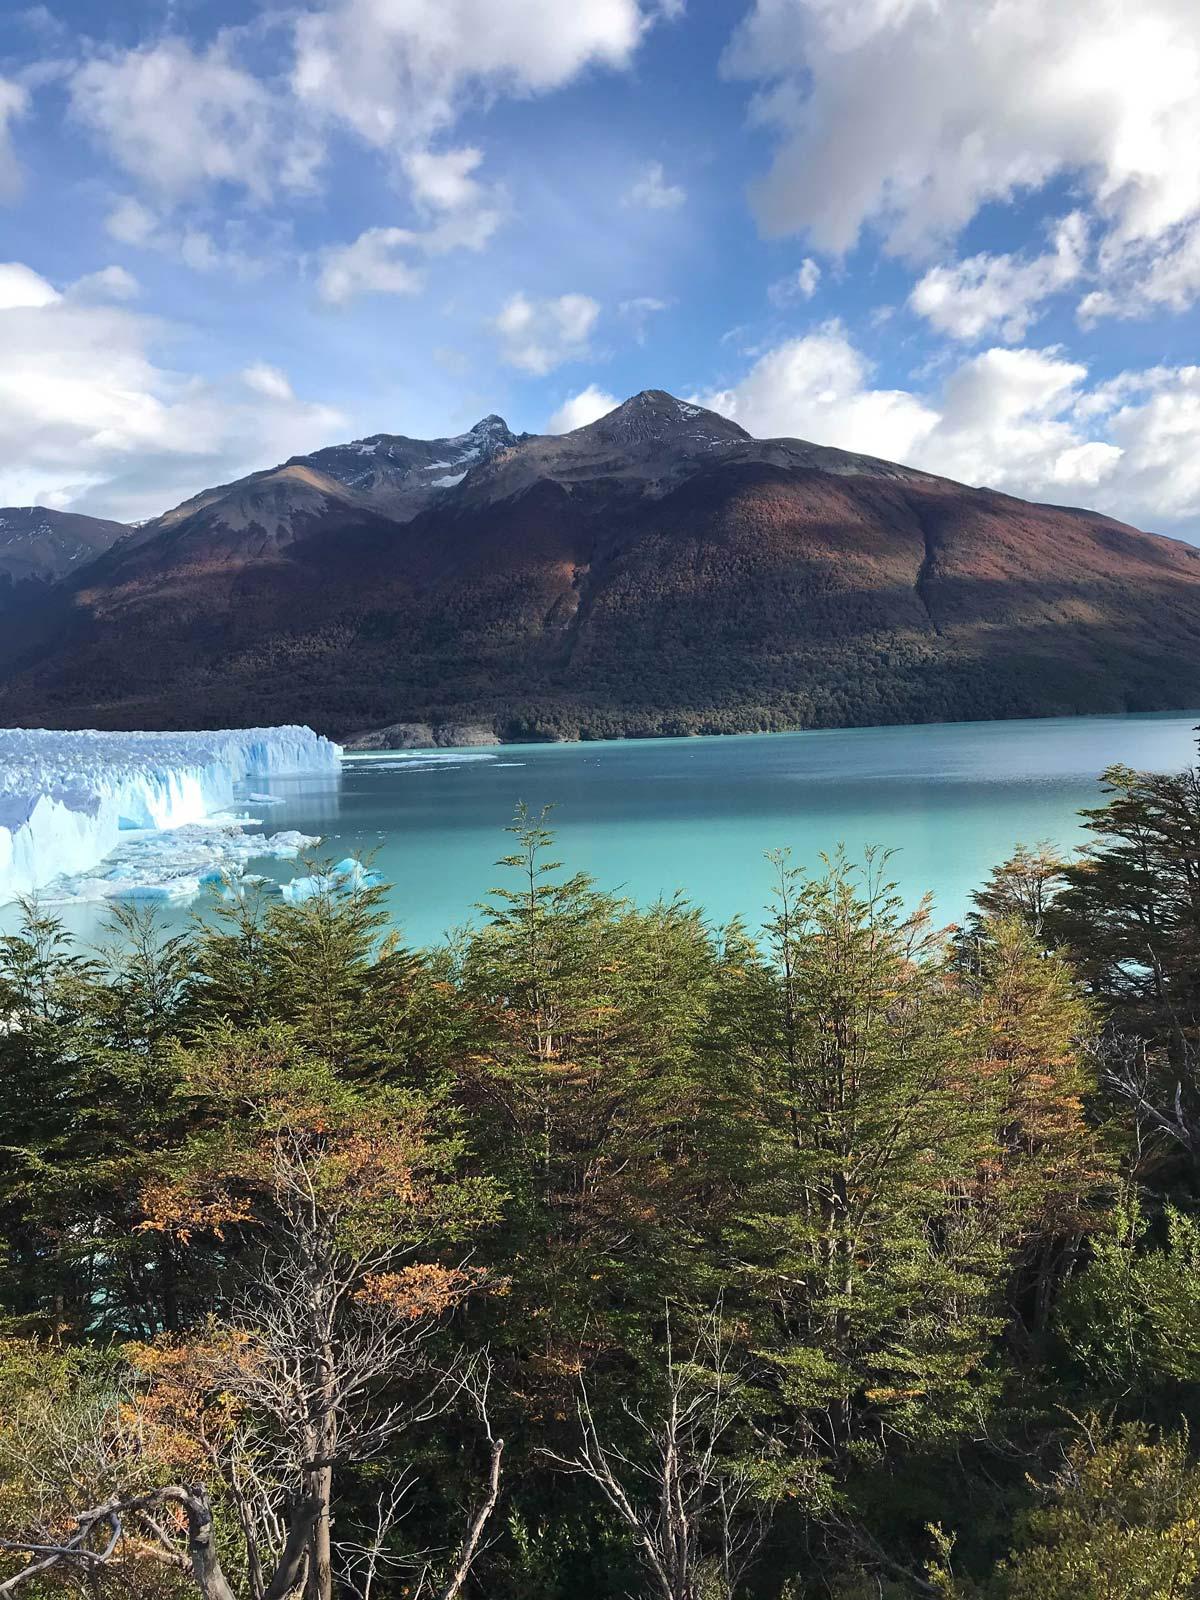 View of the Perito Moreno Glacier and Lago Argentino